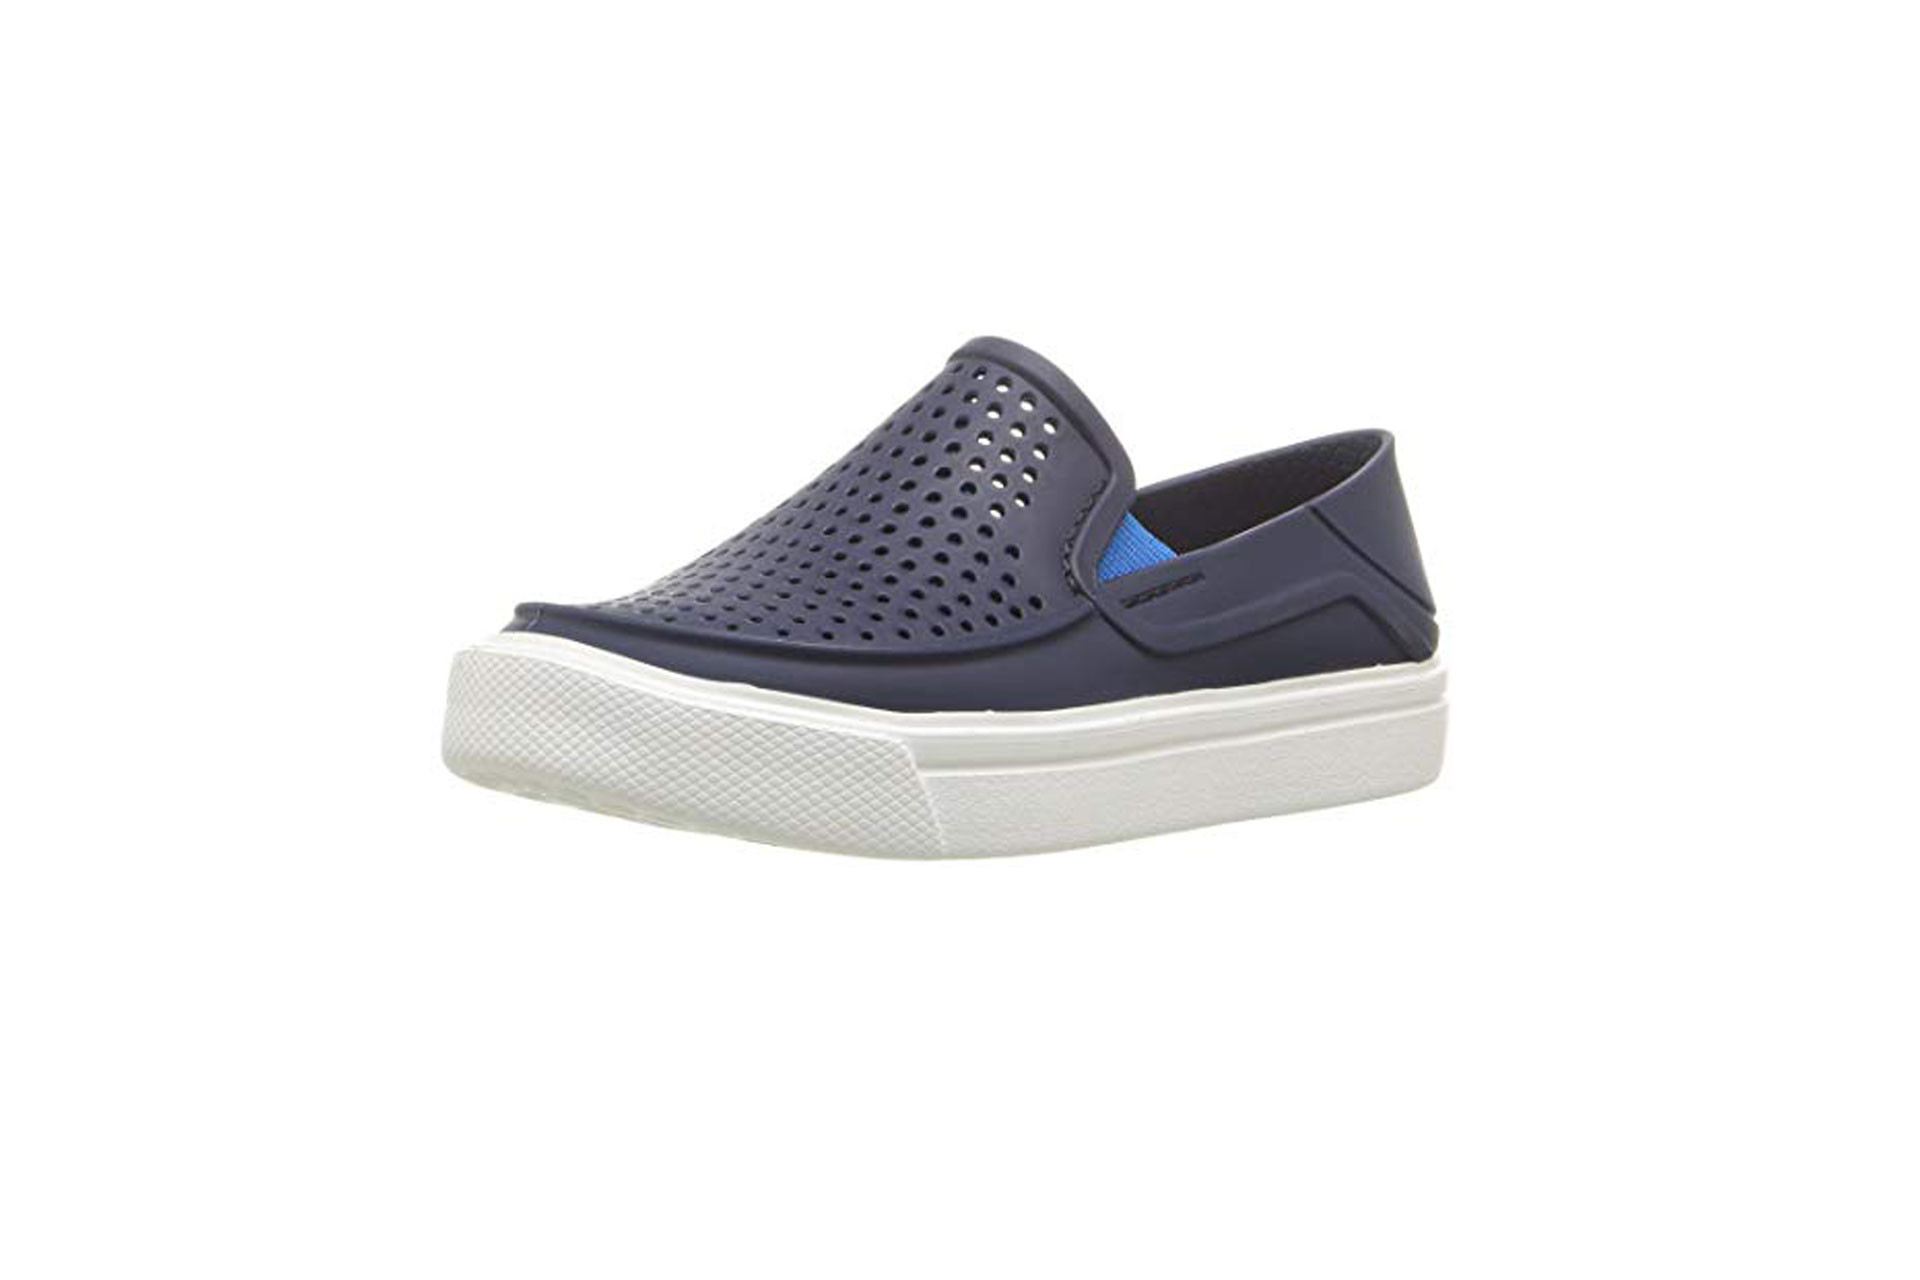 Kids' Slip-On Shoe; Courtesy of Amazon